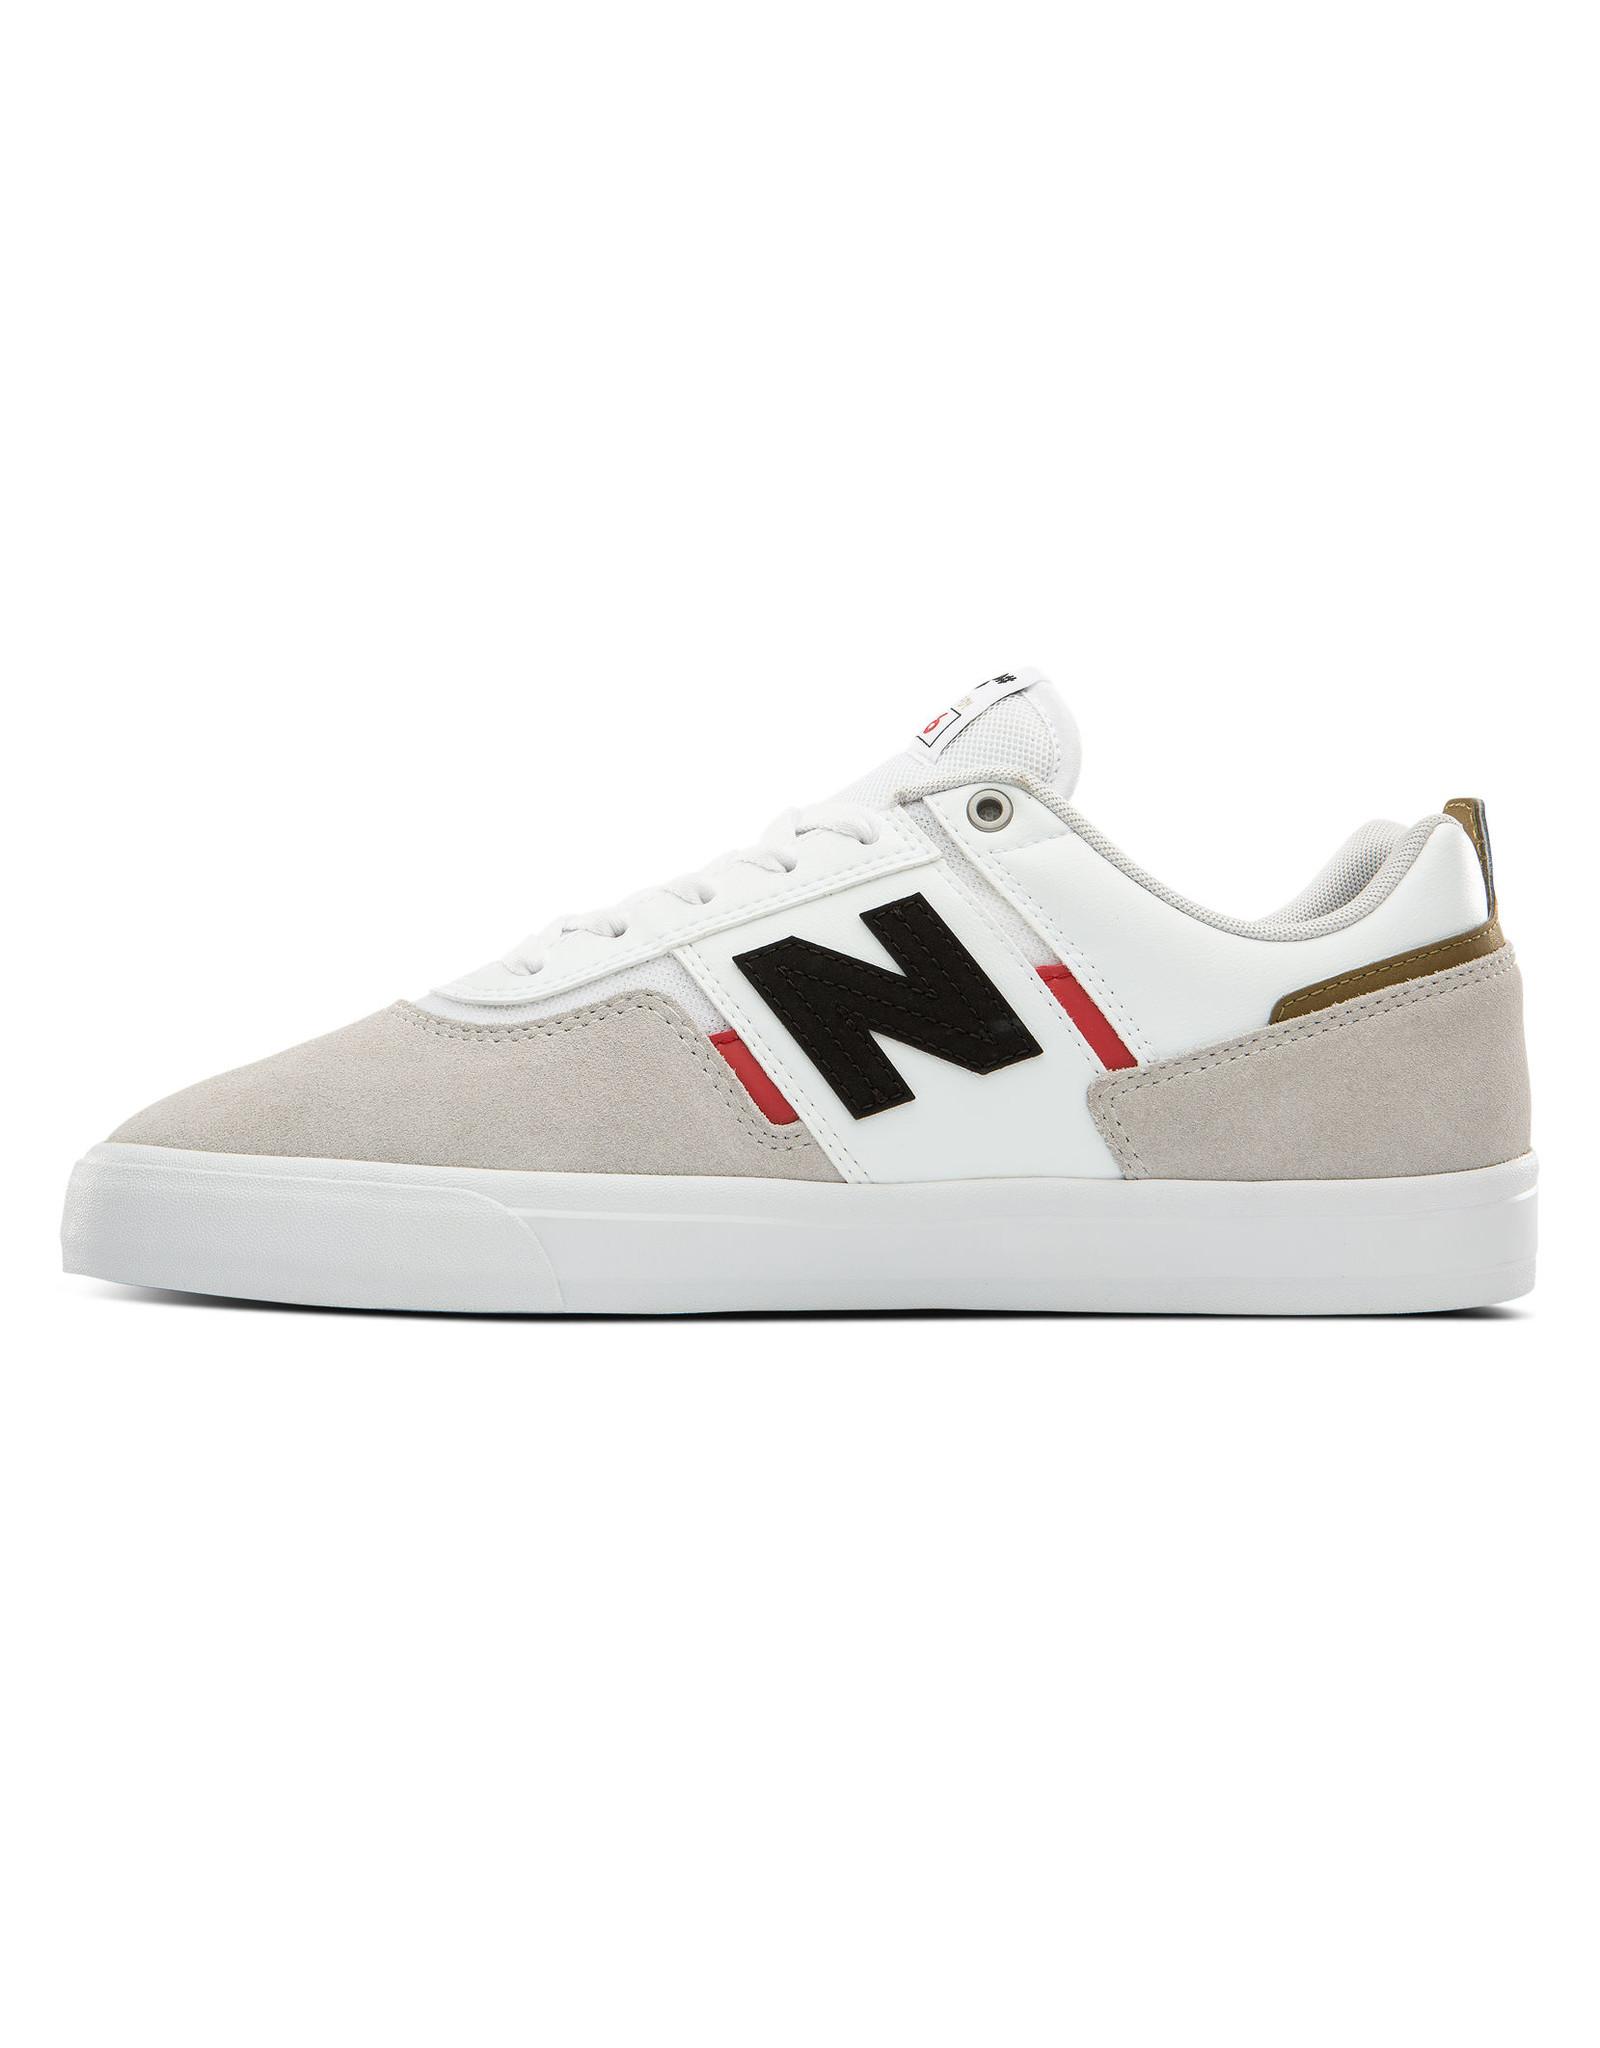 NEW BALANCE NEW BALANCE - 306 - WHITE/RED -